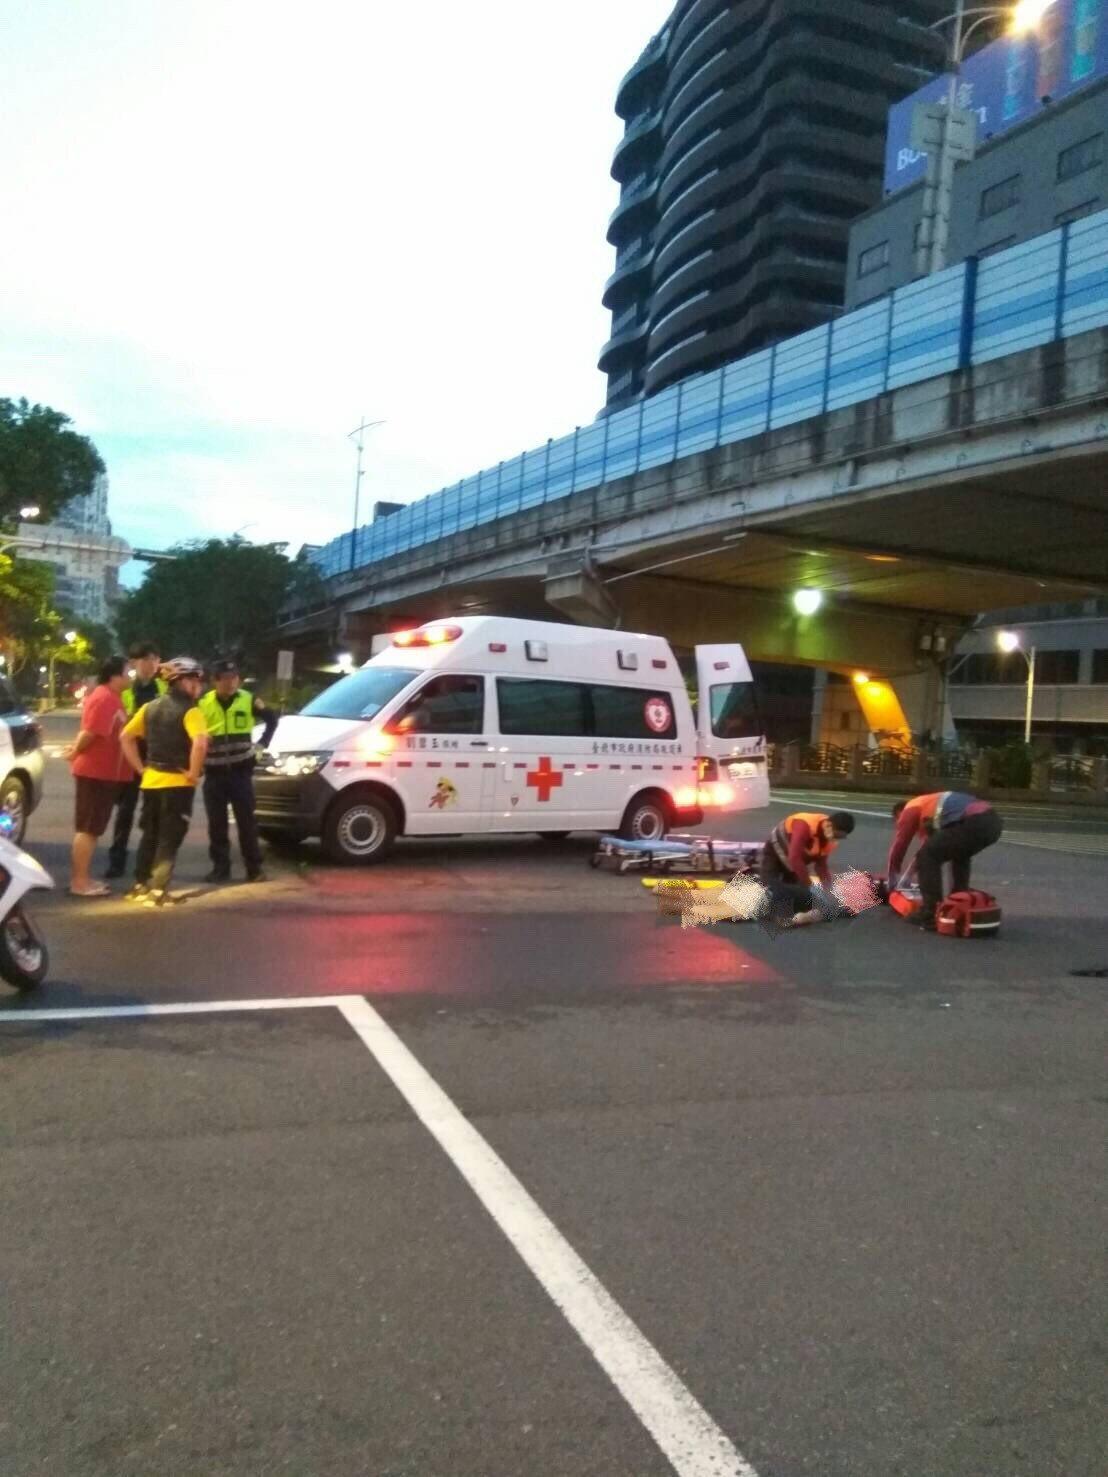 騎腳踏車的陳男闖紅燈遭撞,送醫不治。記者蕭雅娟/翻攝